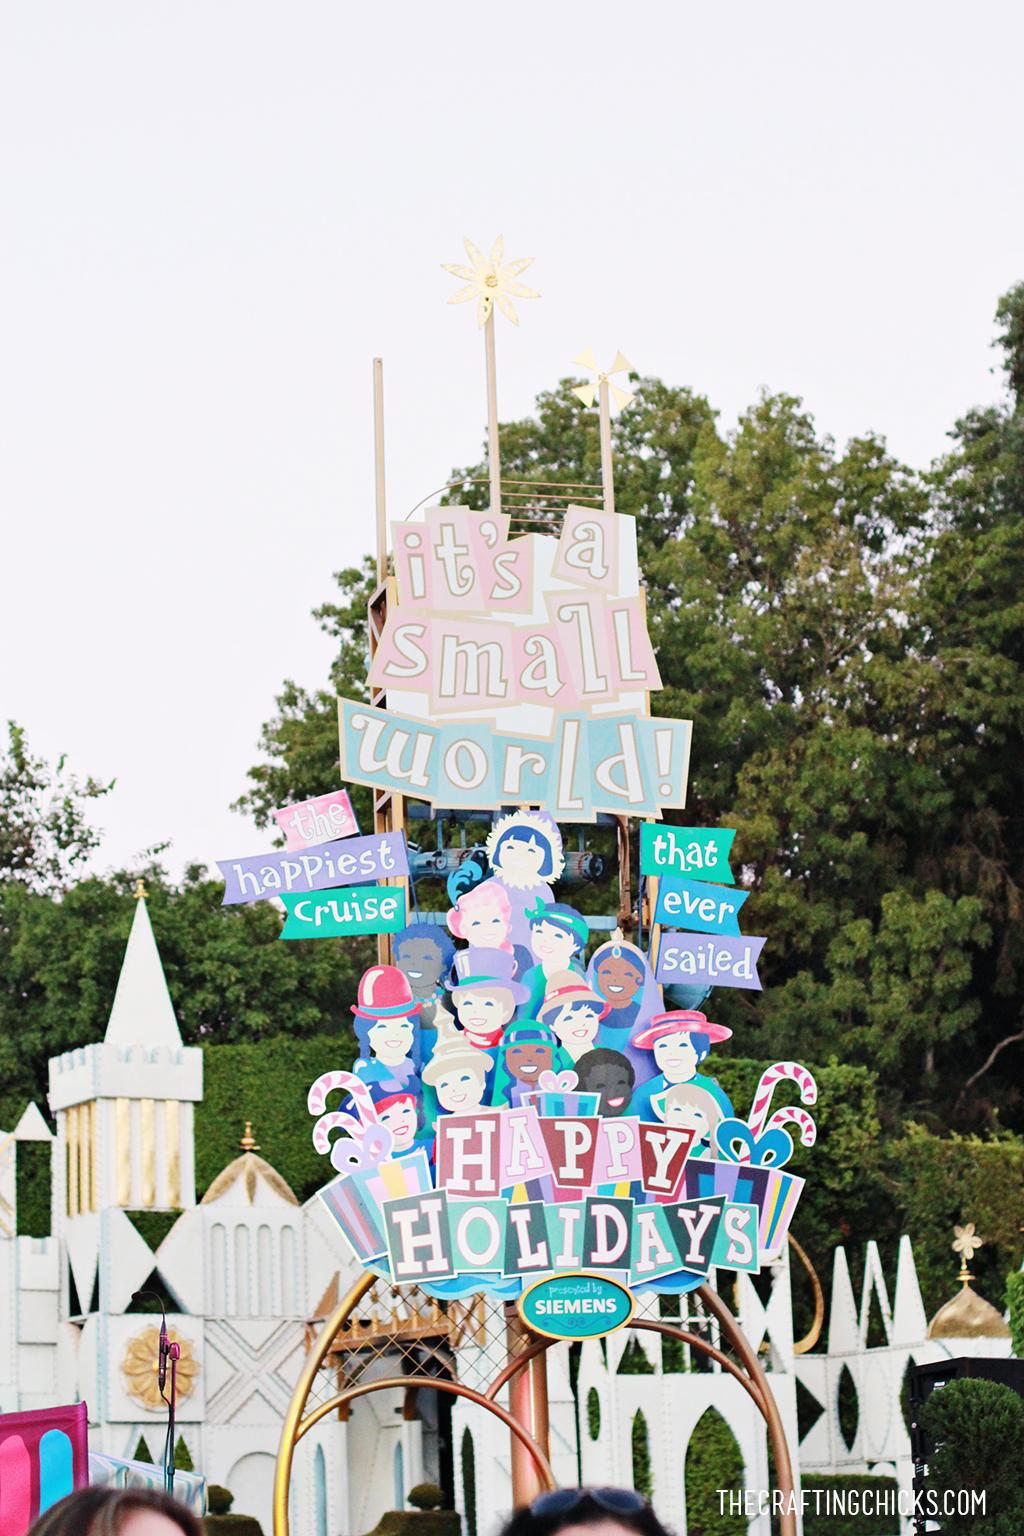 cc-disney-holidays-6